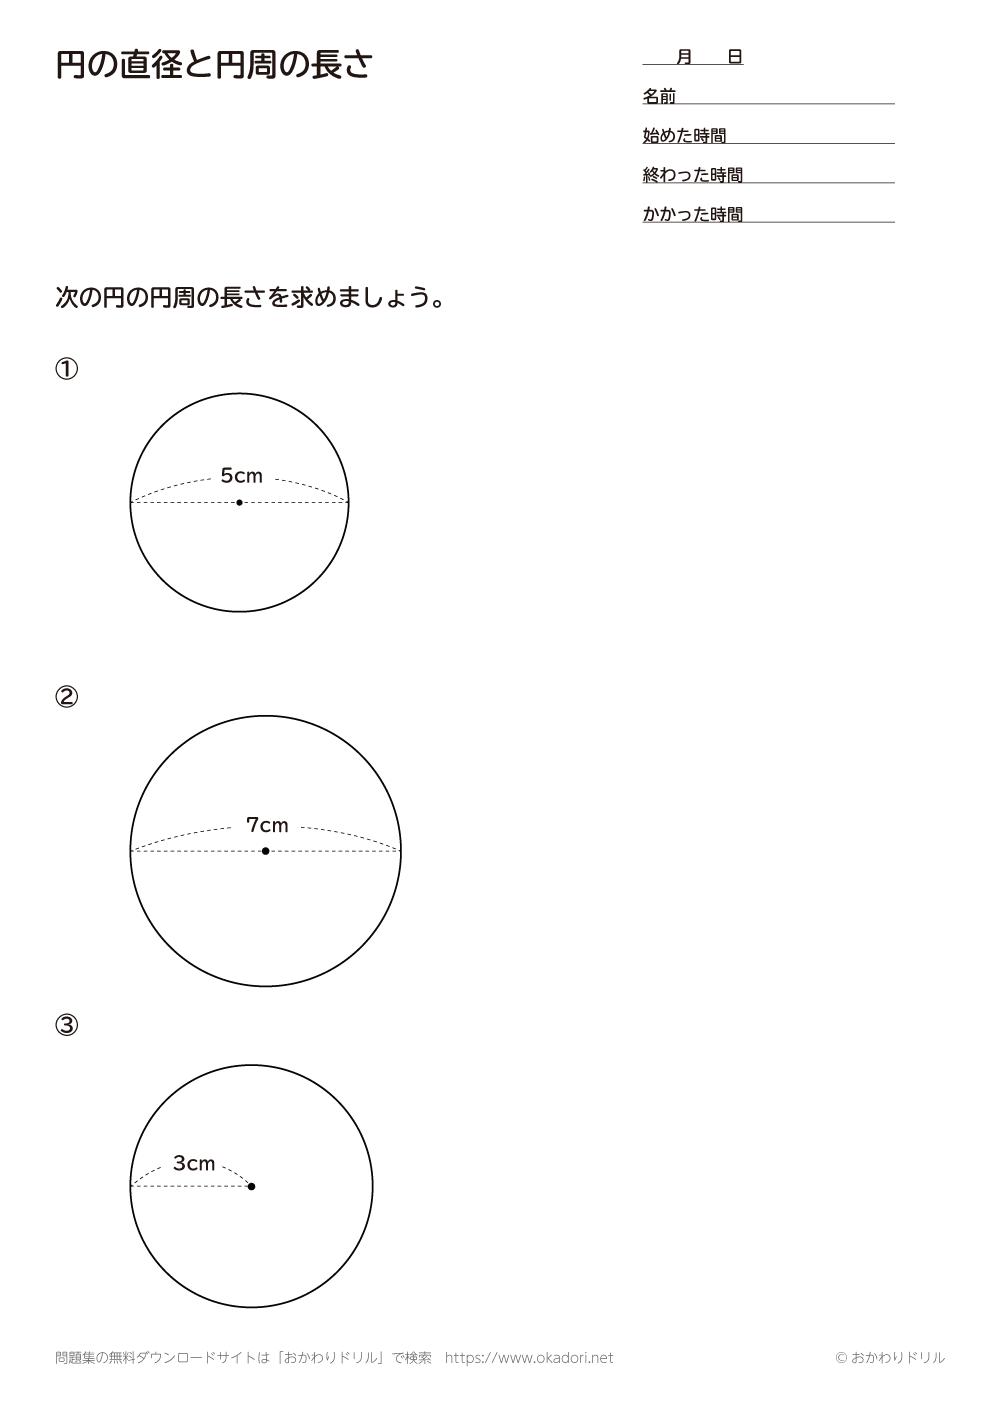 円の直径と円周の長さ1